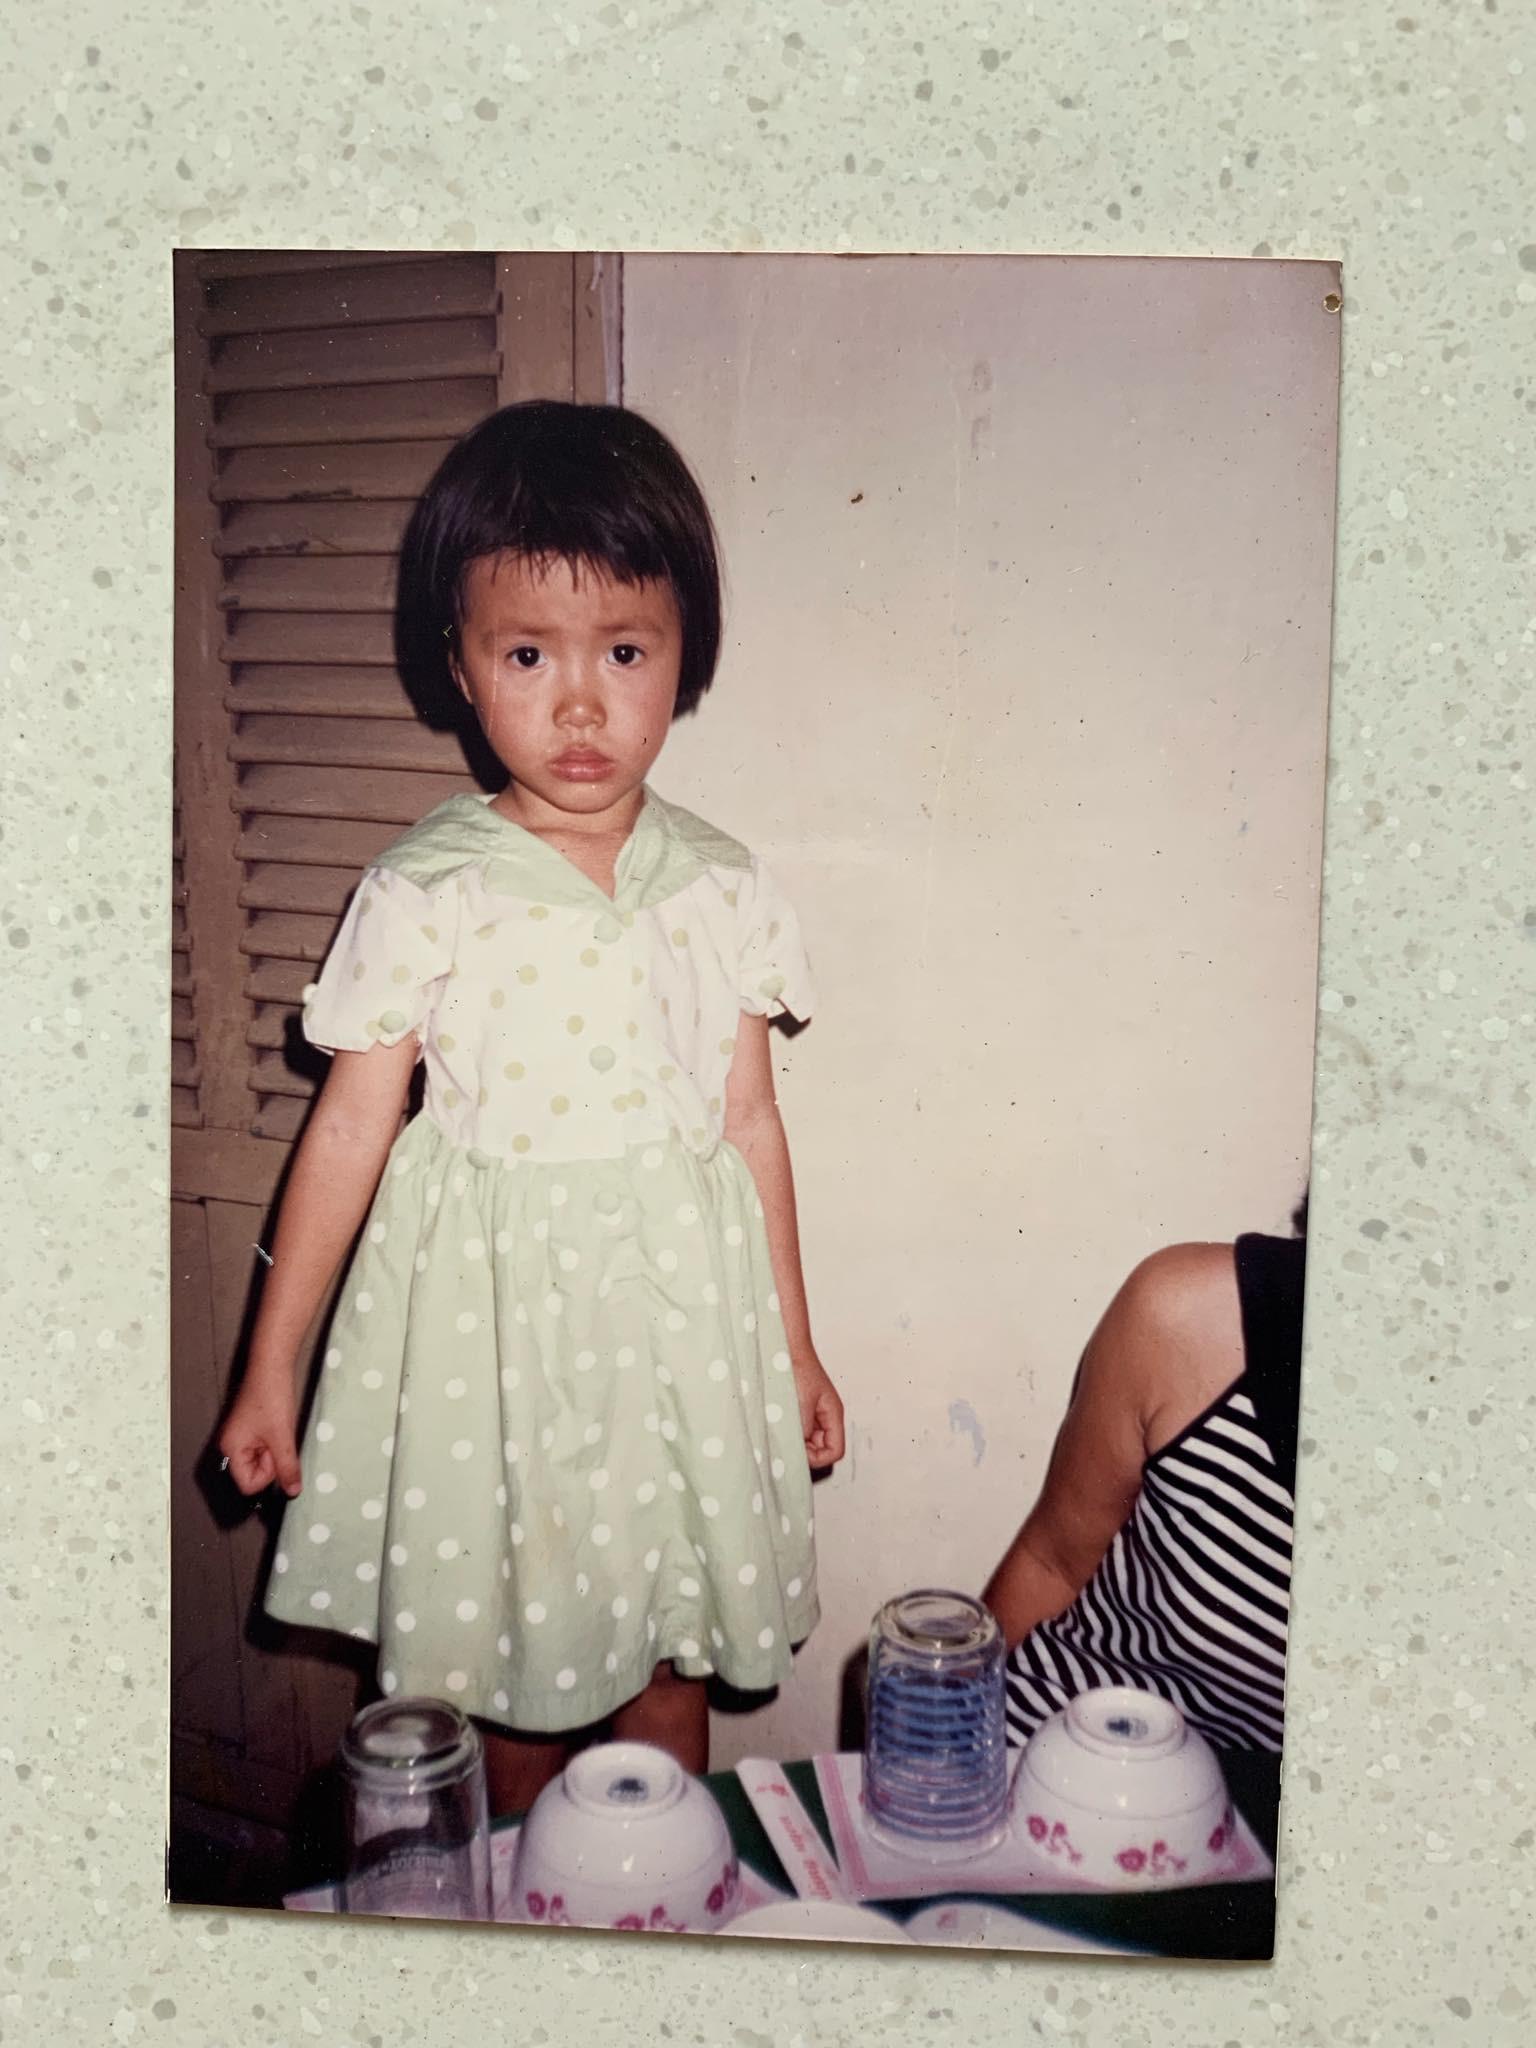 Mẹ Minh Tú: Tú từng xin tiền đi cắt chân vì cao nhất trường - Ảnh 3.